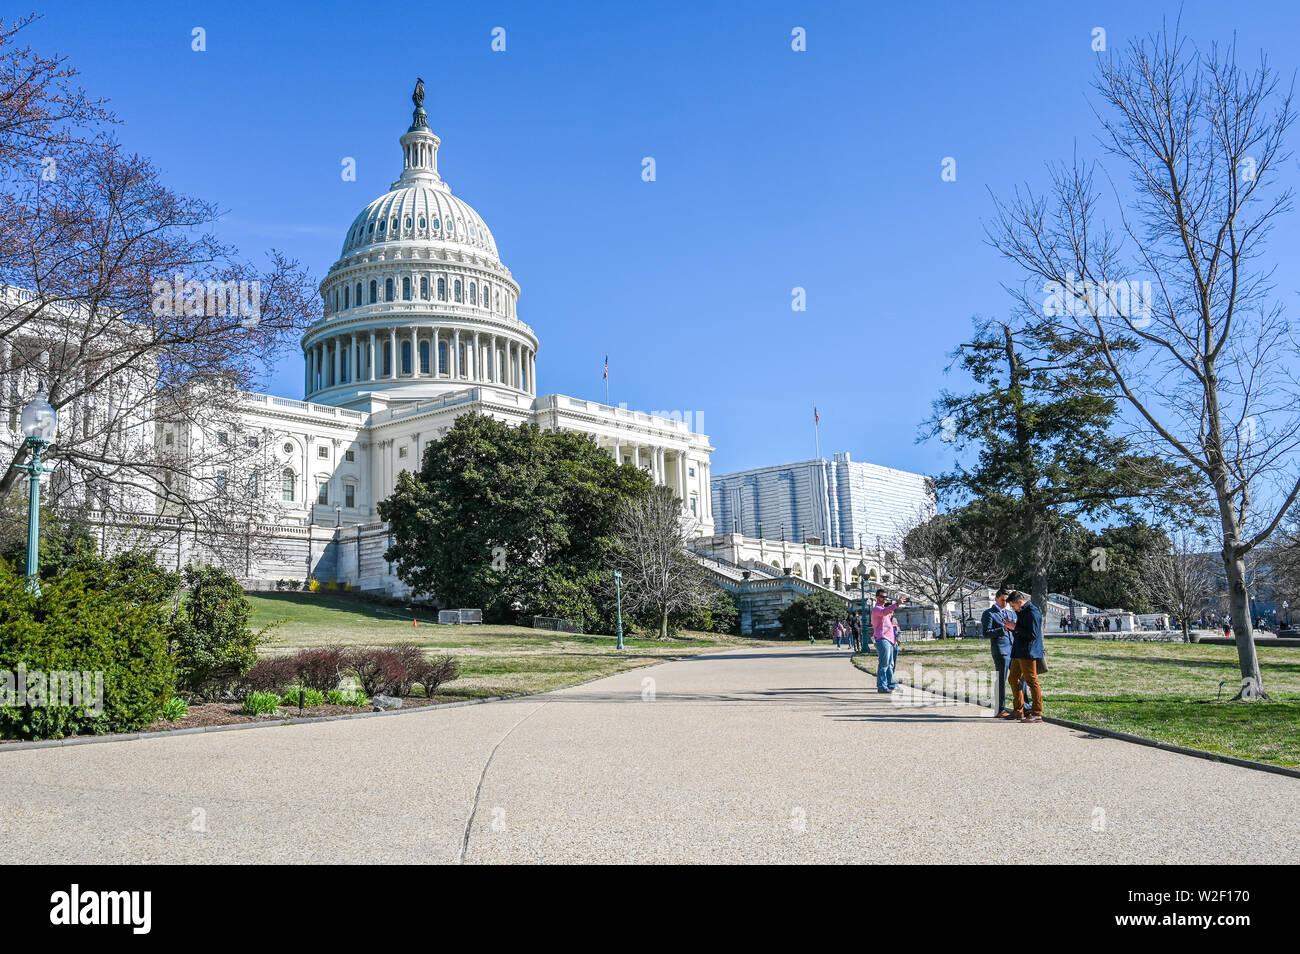 À l'Ouest avant de United States Capitol. Le Capitole est le siège du Congrès américain. Banque D'Images